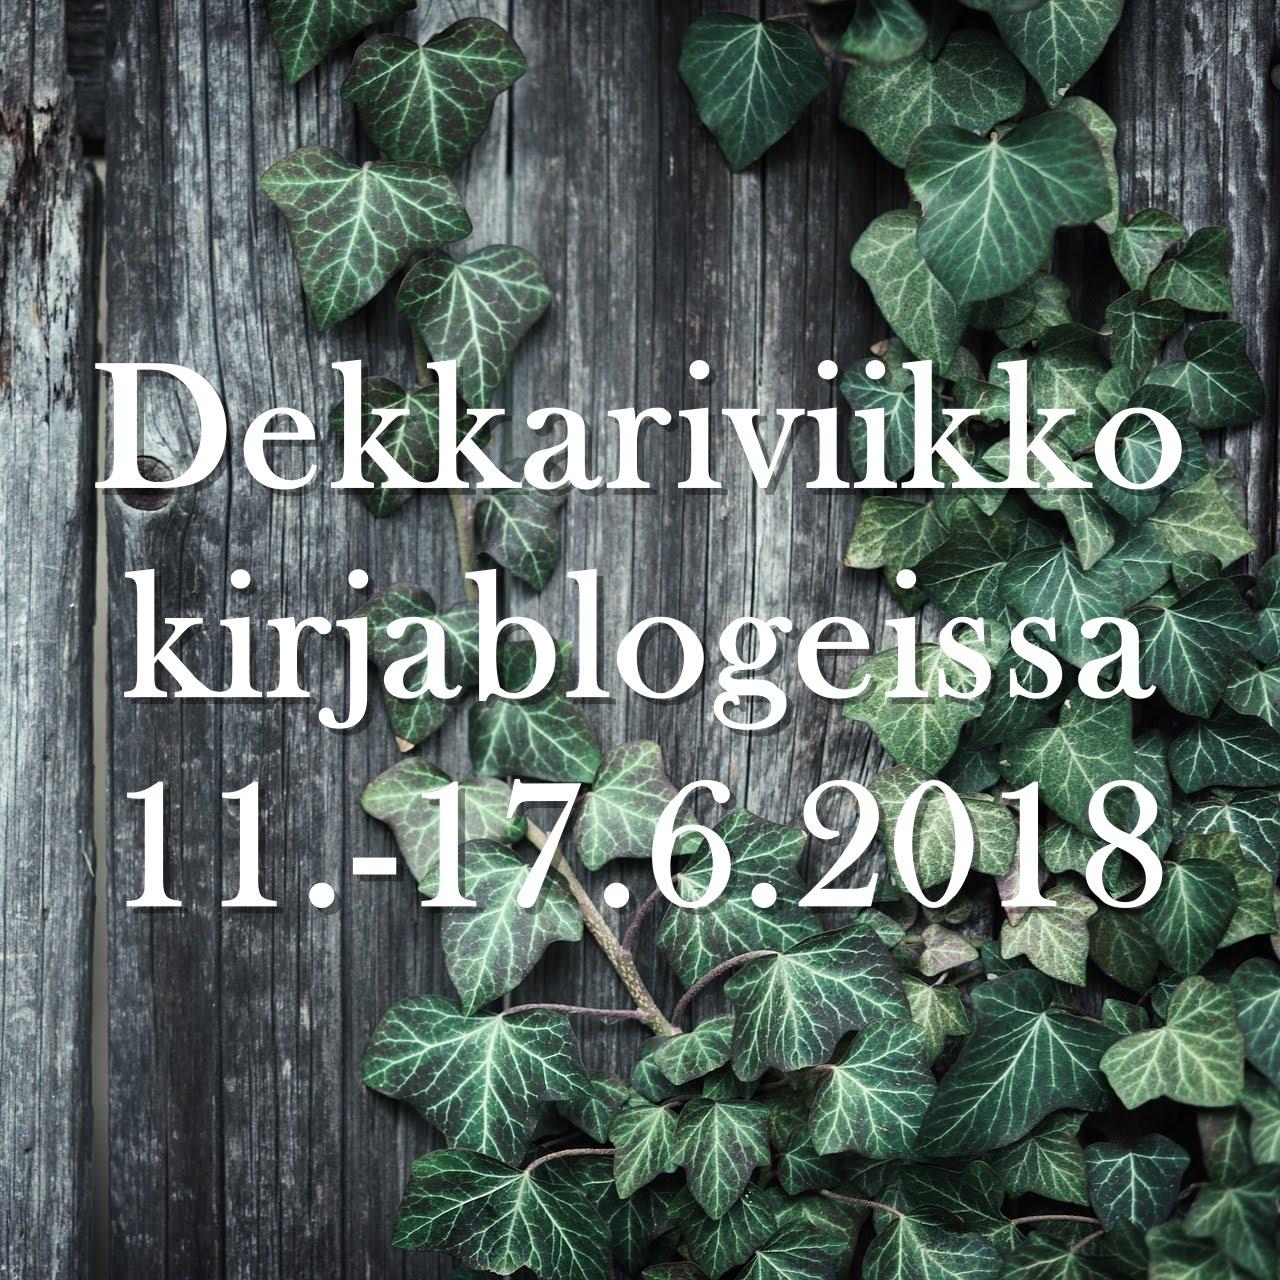 Dekkariviikko kirjablogeissa (11.-17.6.2018)